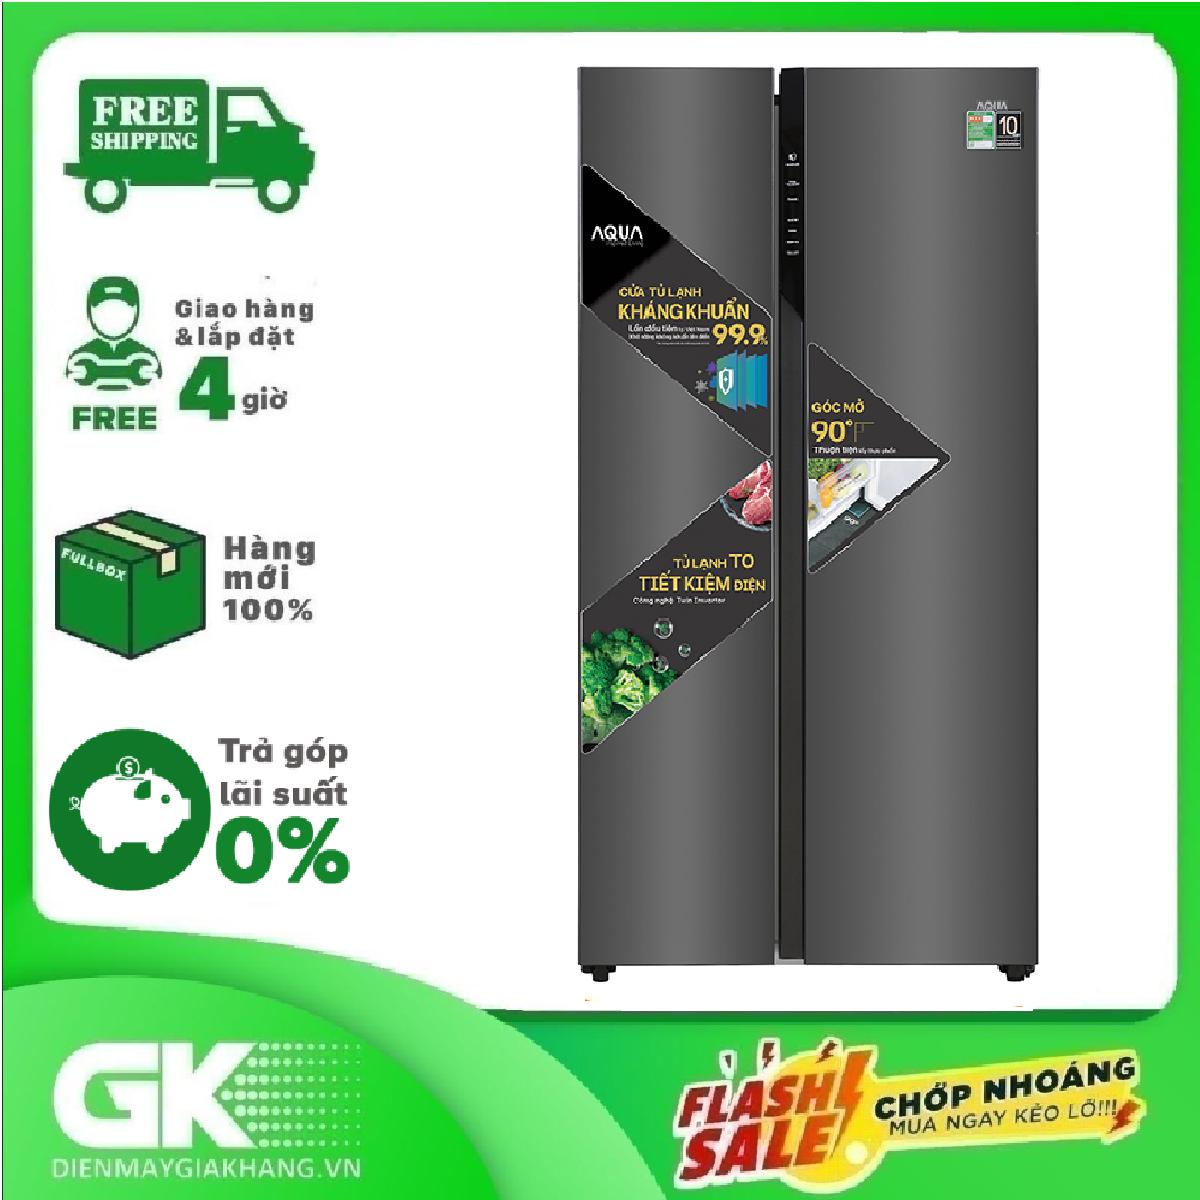 Tủ lạnh Aqua Inverter 541 lít AQR-S541XA(BL) Mới 2020